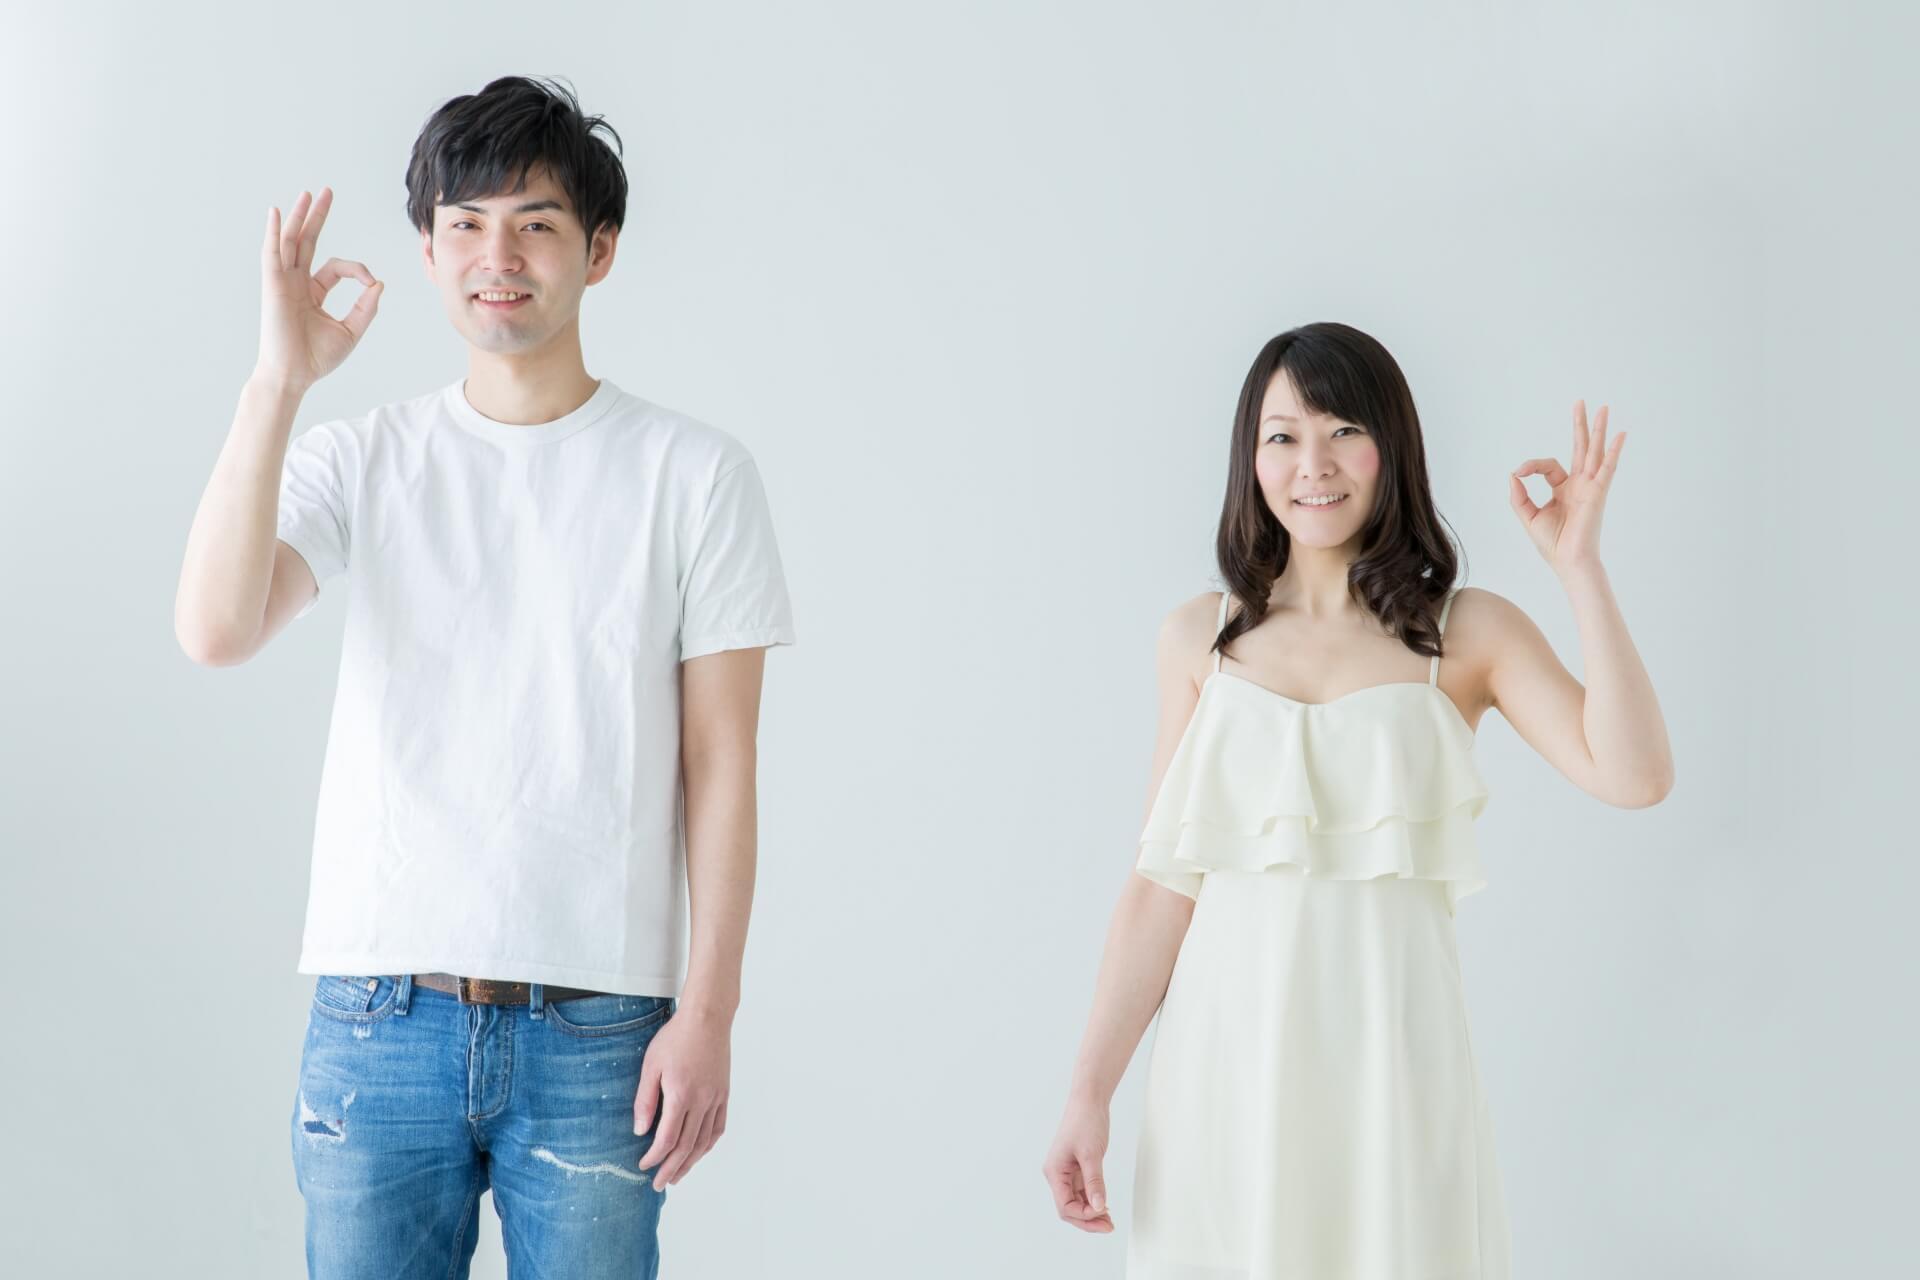 ボウリングデートのための服装講座(女子編)